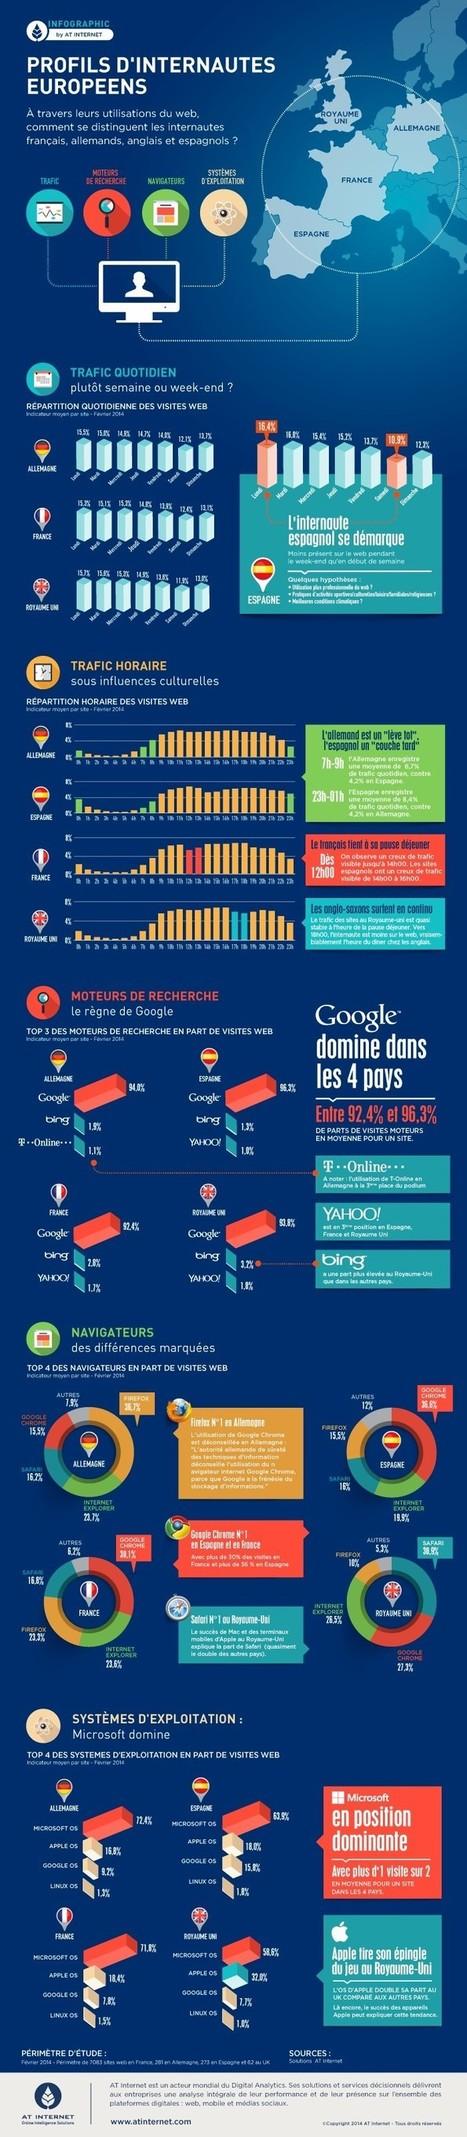 Usages | Etude AT Internet sur les profils des internautes européens - Février 2014 | Webmarketing infographics - La French Touch digitale en images | Scoop.it